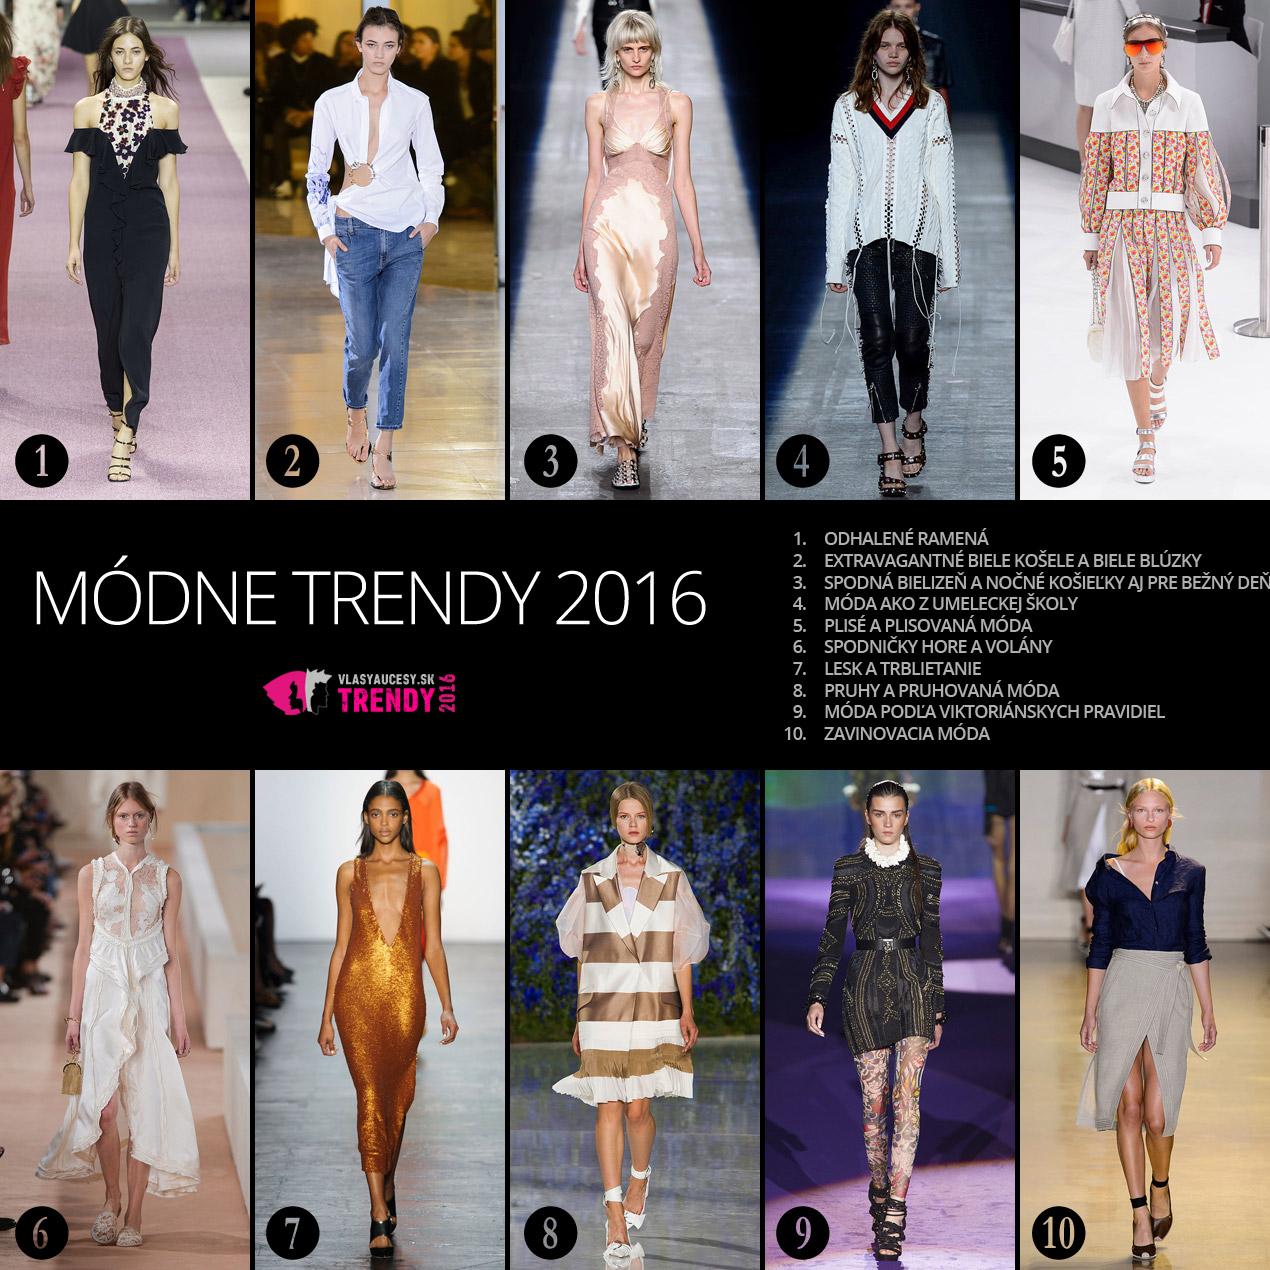 6bfbad893 Módne trendy 2016 – dámska móda 2016 a ako ju kombinovať s účesmi.